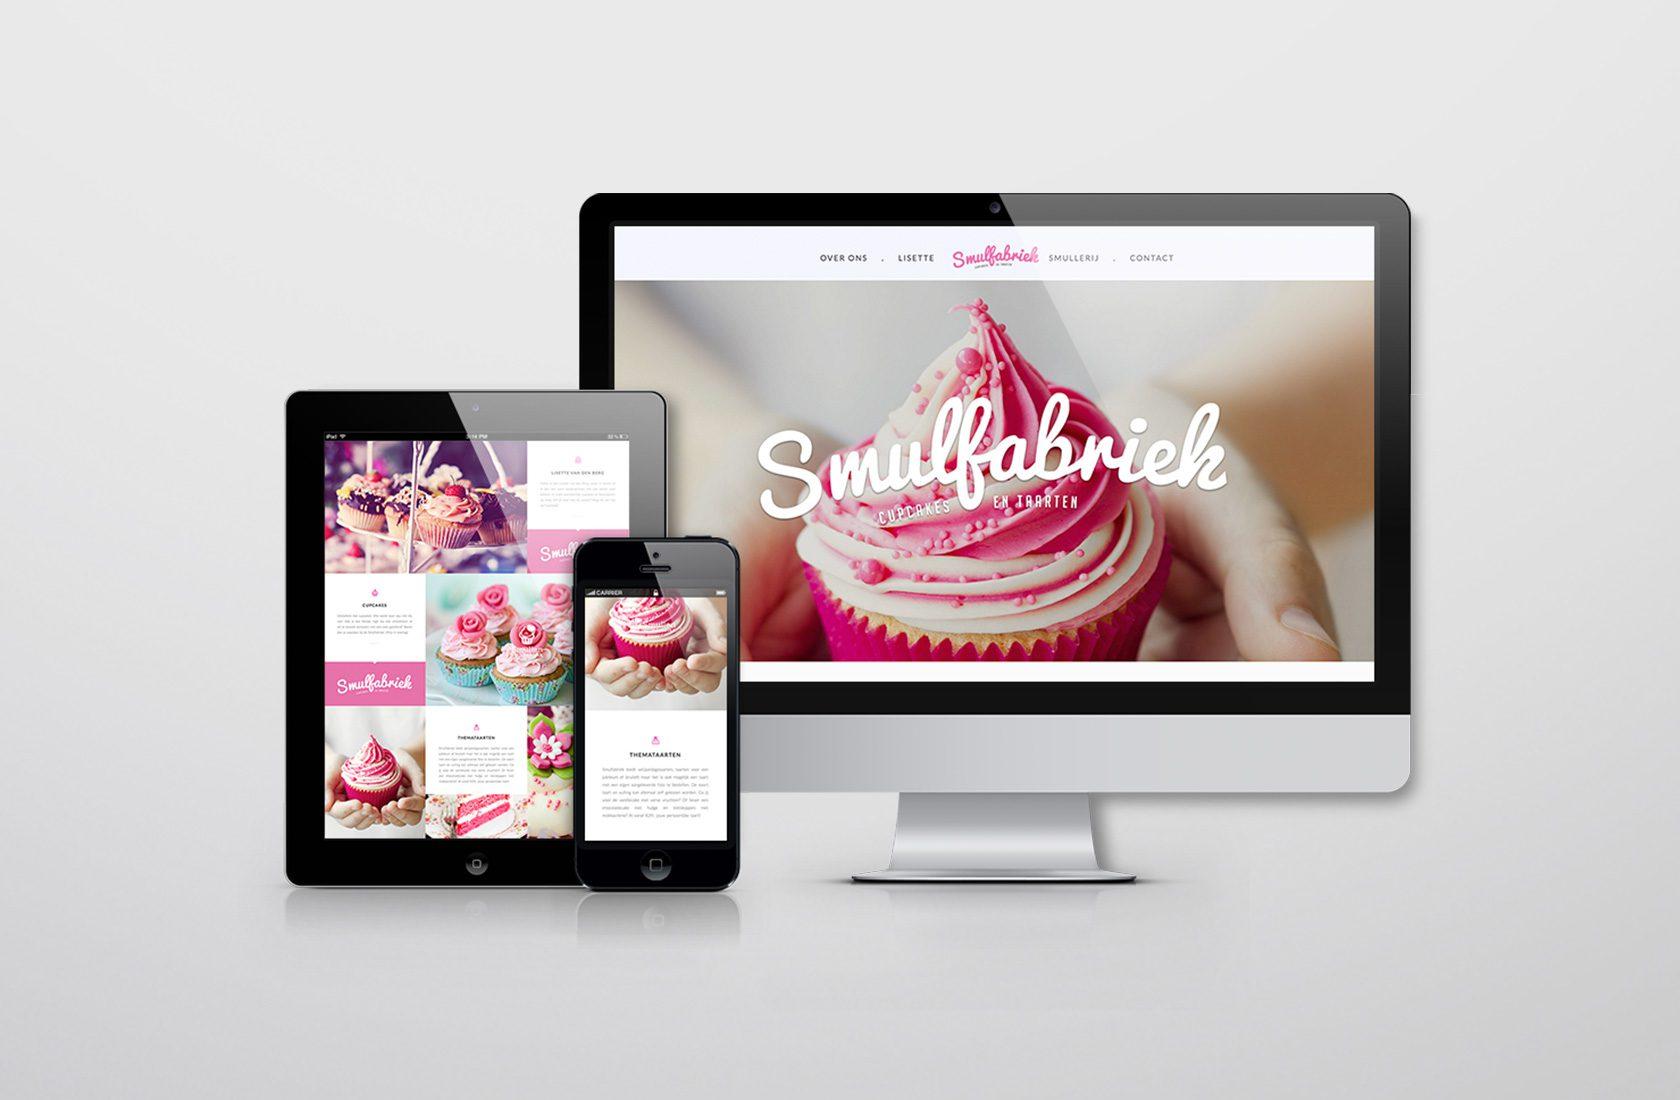 websites_smulfabriek_1680x1100